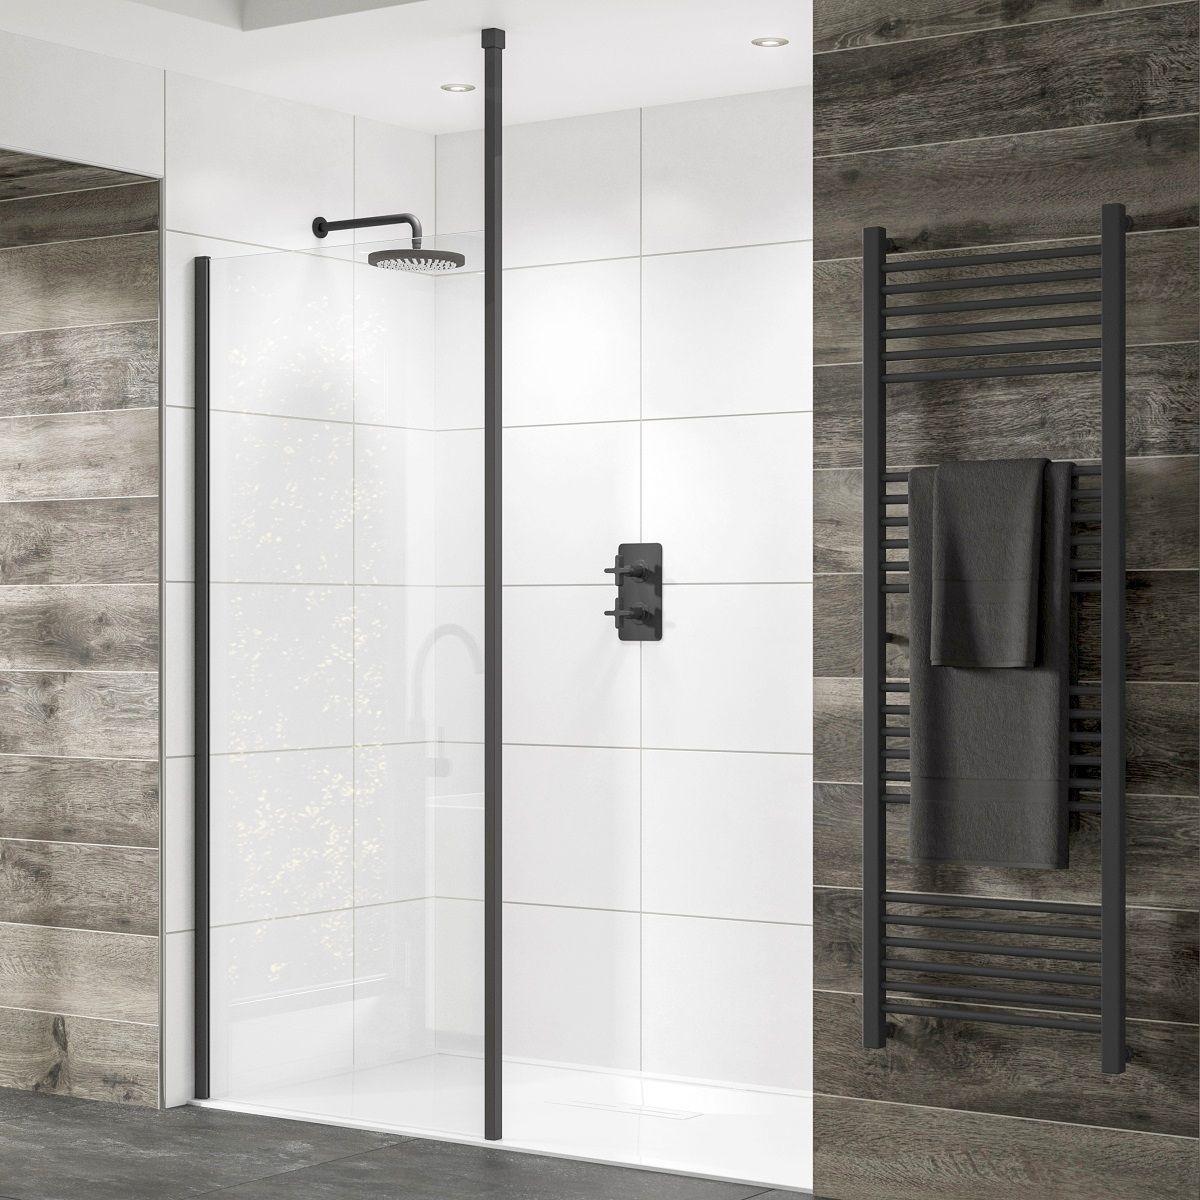 Sommer Black Shower Panel